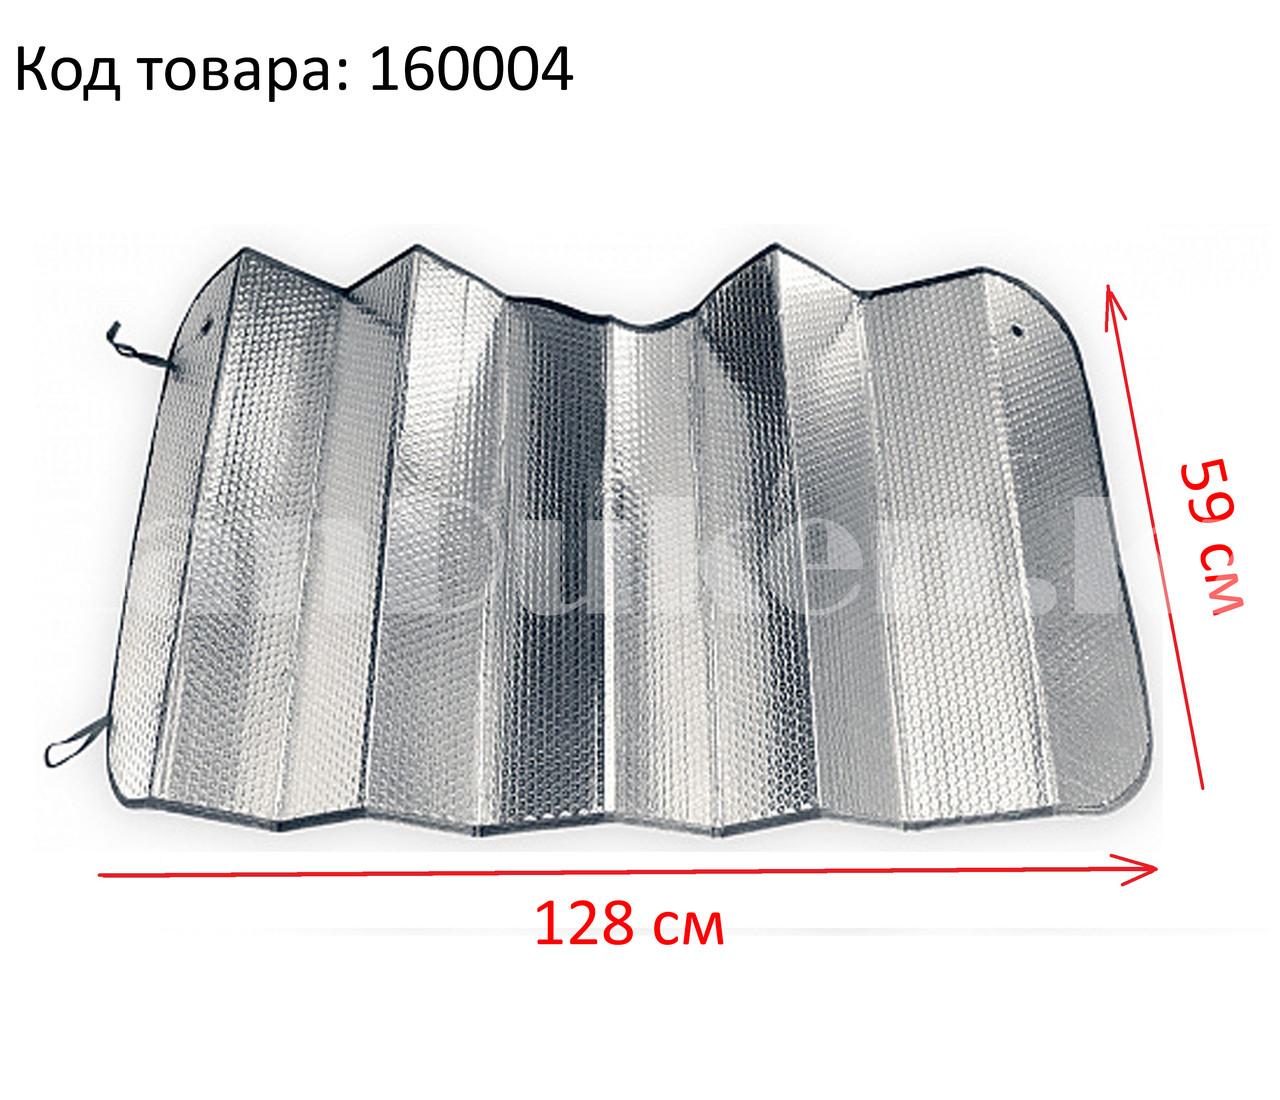 Солнцезащитная шторка для автомобиля на стекло на присосках (светоотражатель) 128*59 см